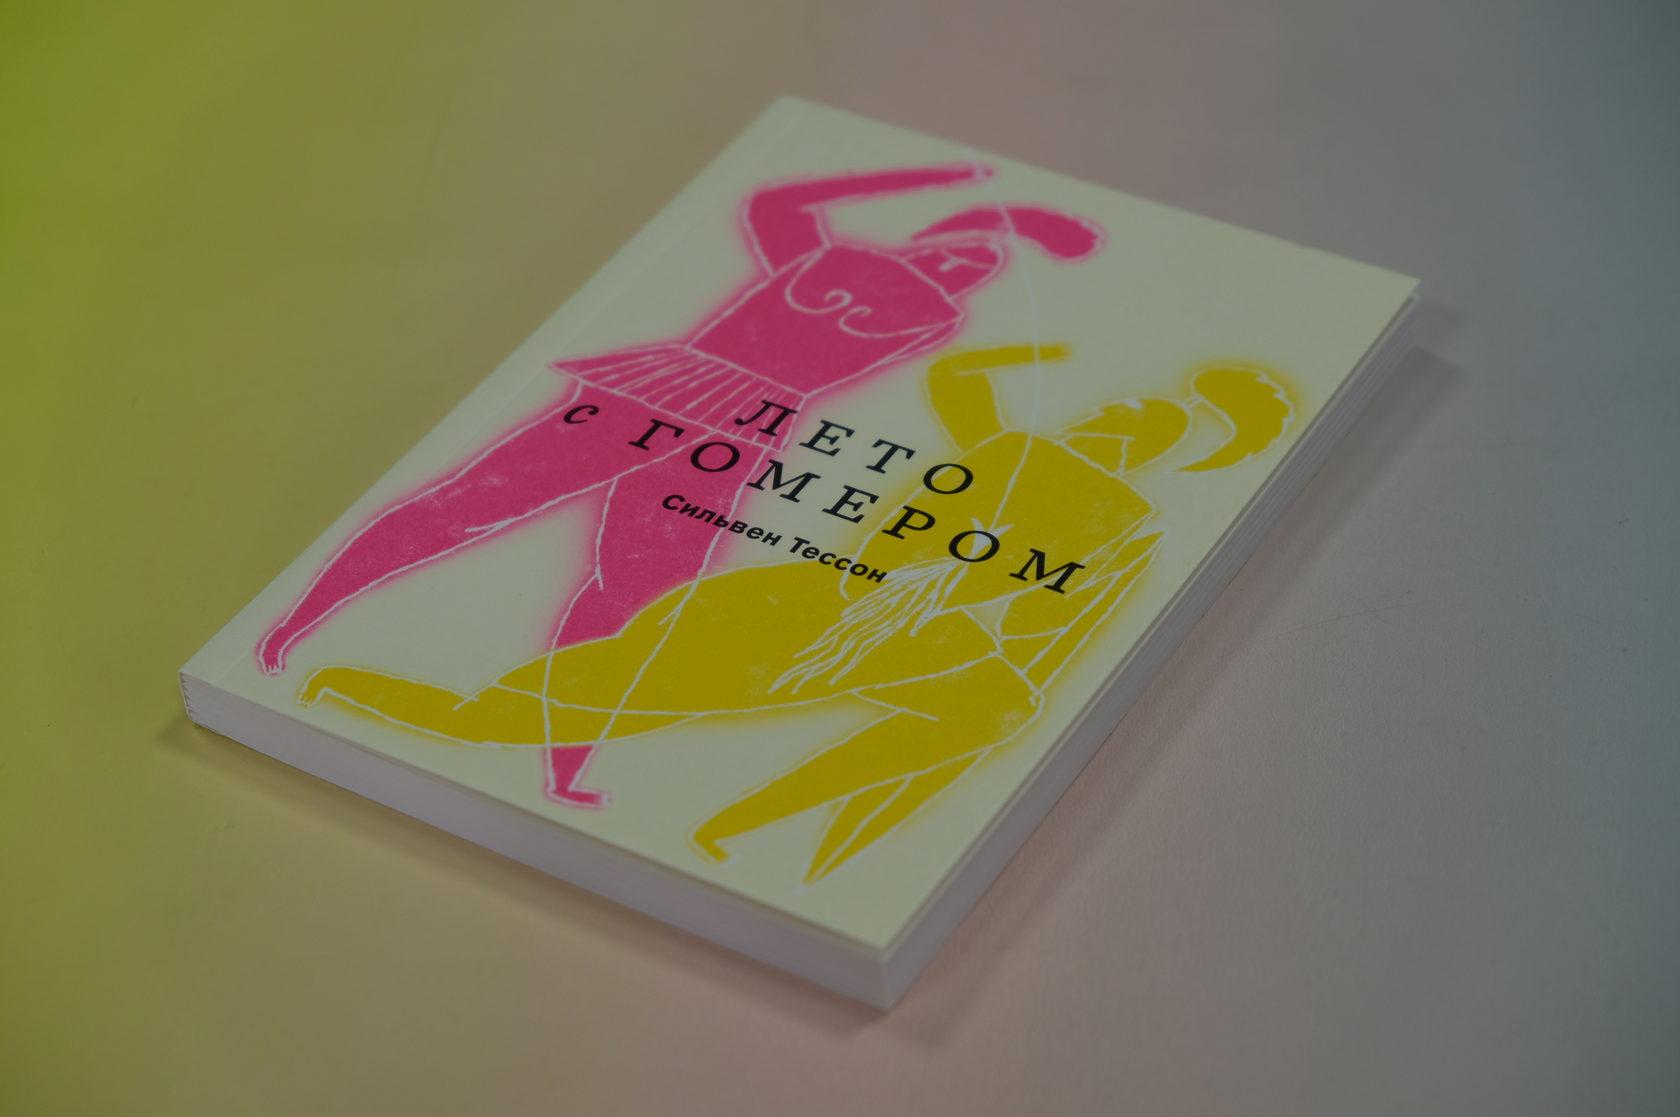 Купить книгу Сильвен Тессон «Лето с Гомером»   978-5-91103-499-3